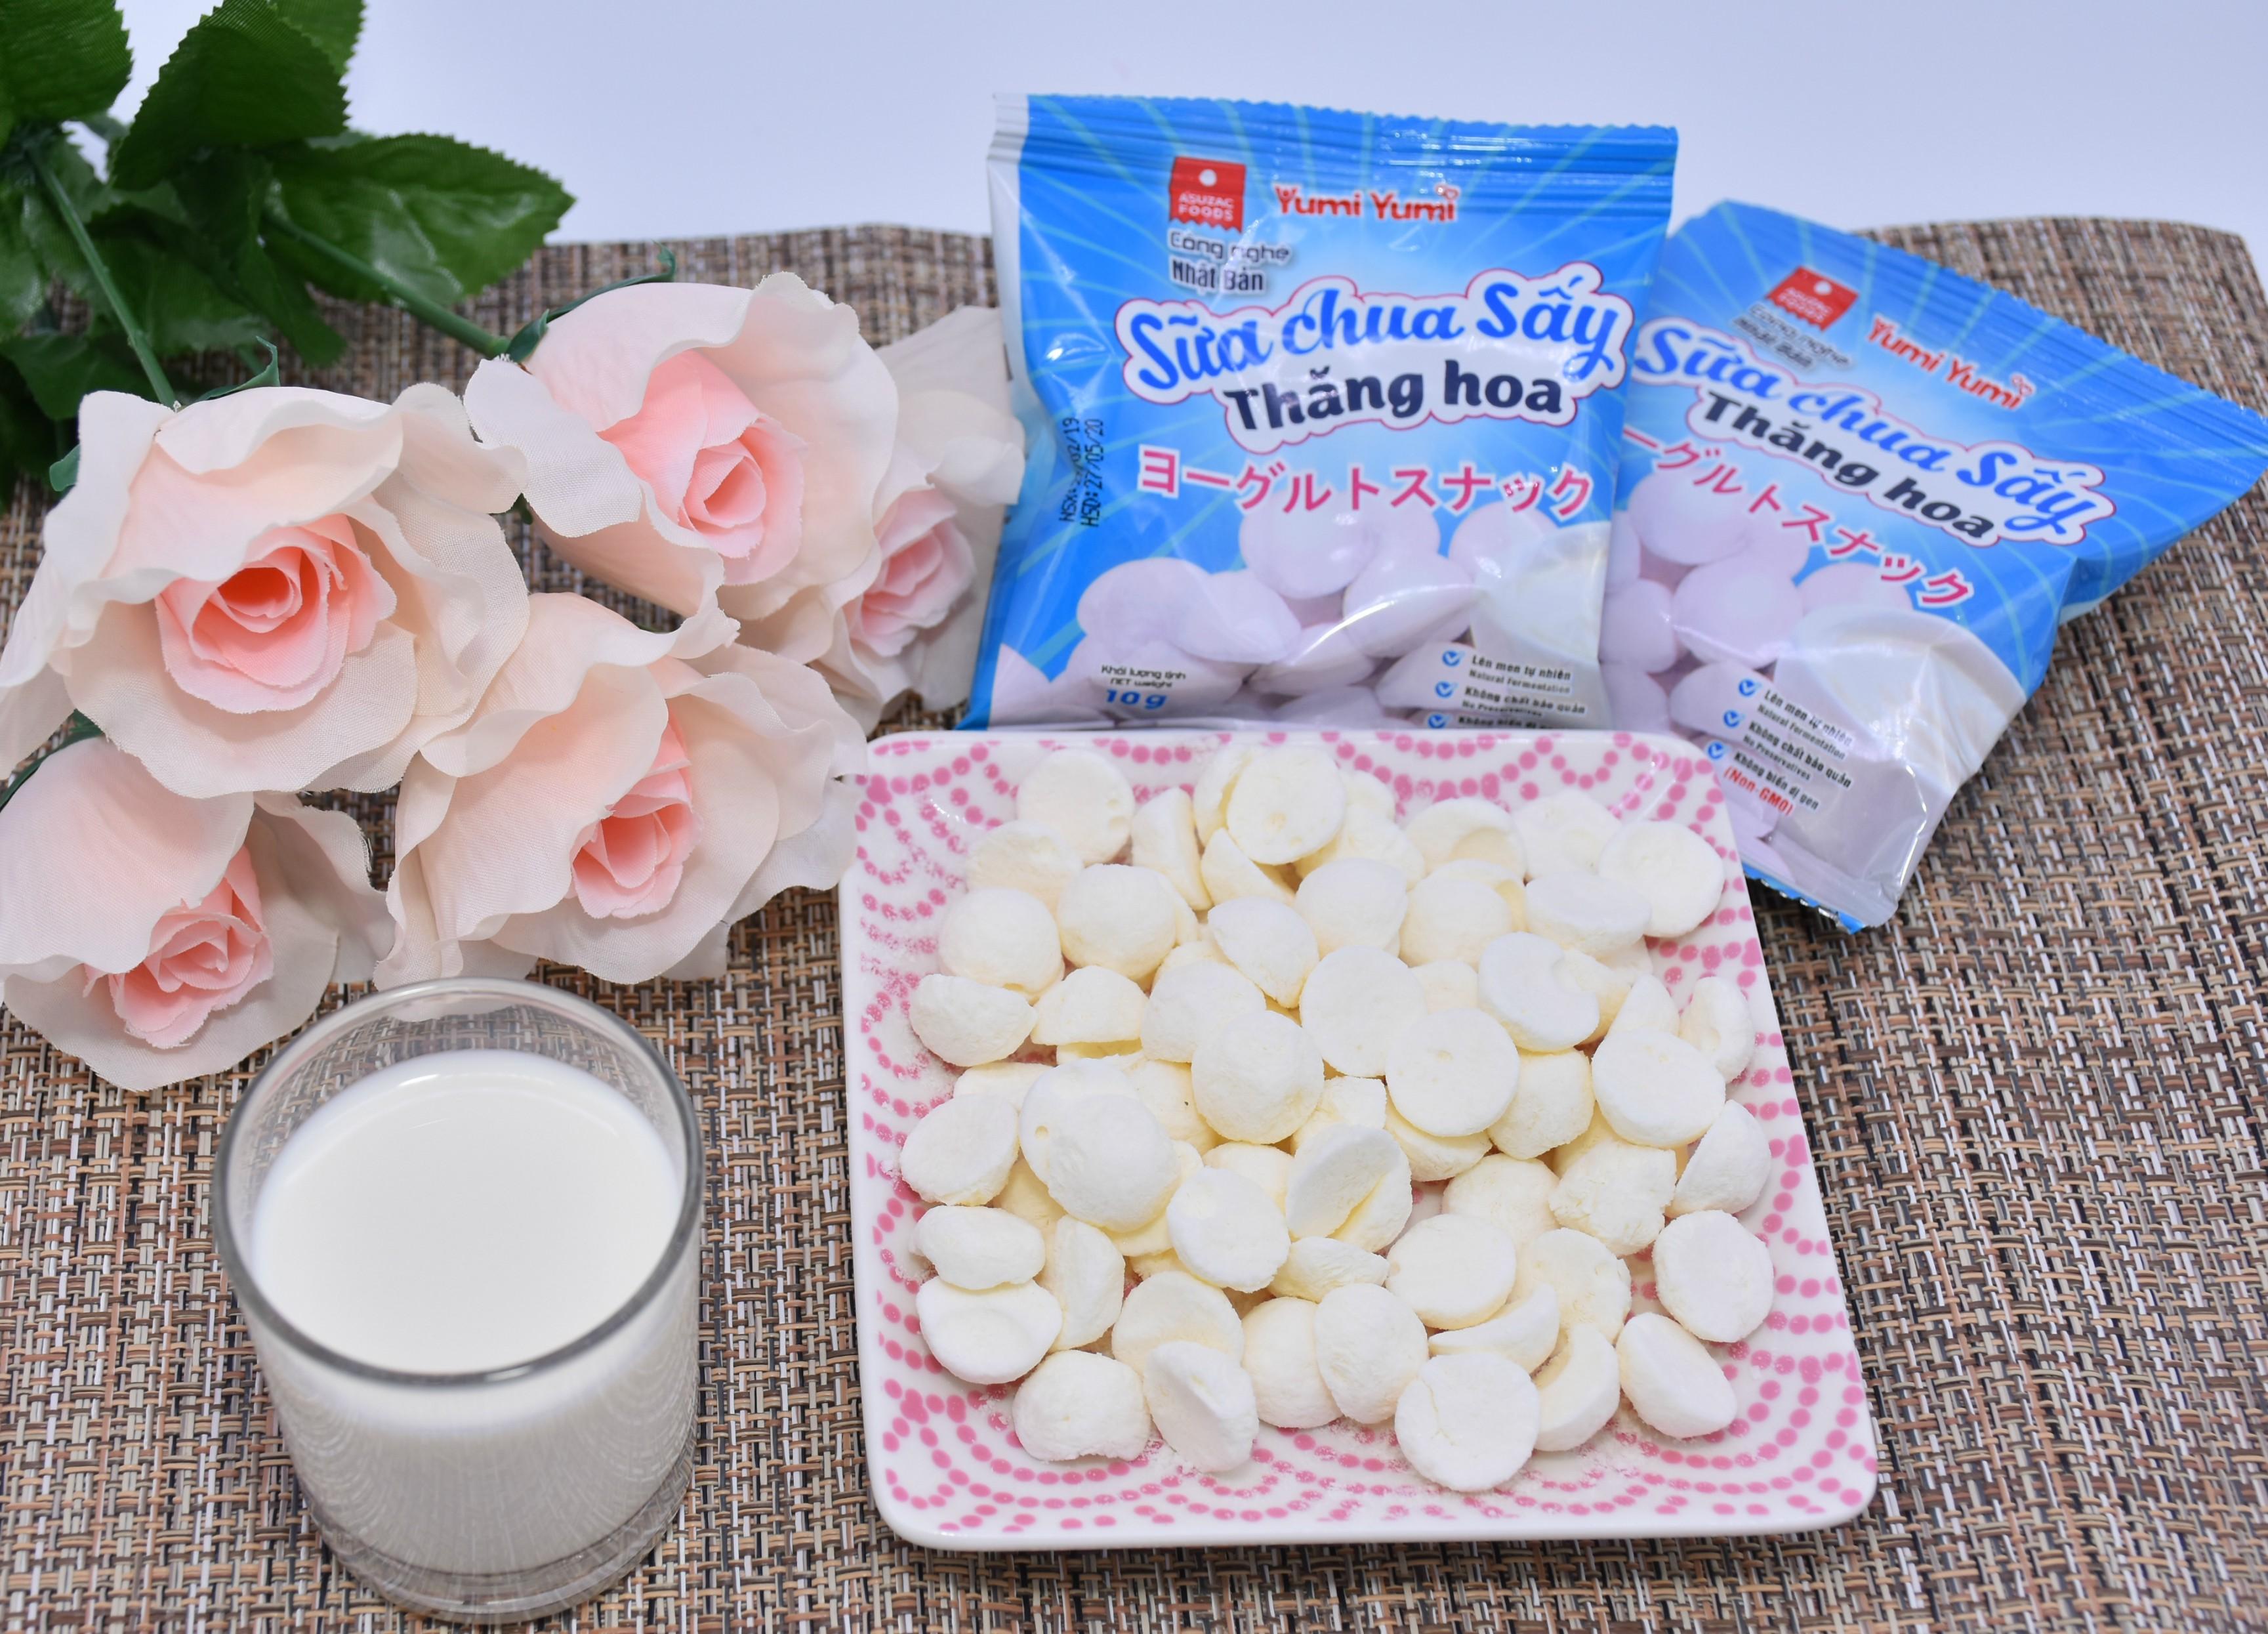 Sữa chua sấy Yumi Yumi hộp 30 g ( 10 g x 3 gói)